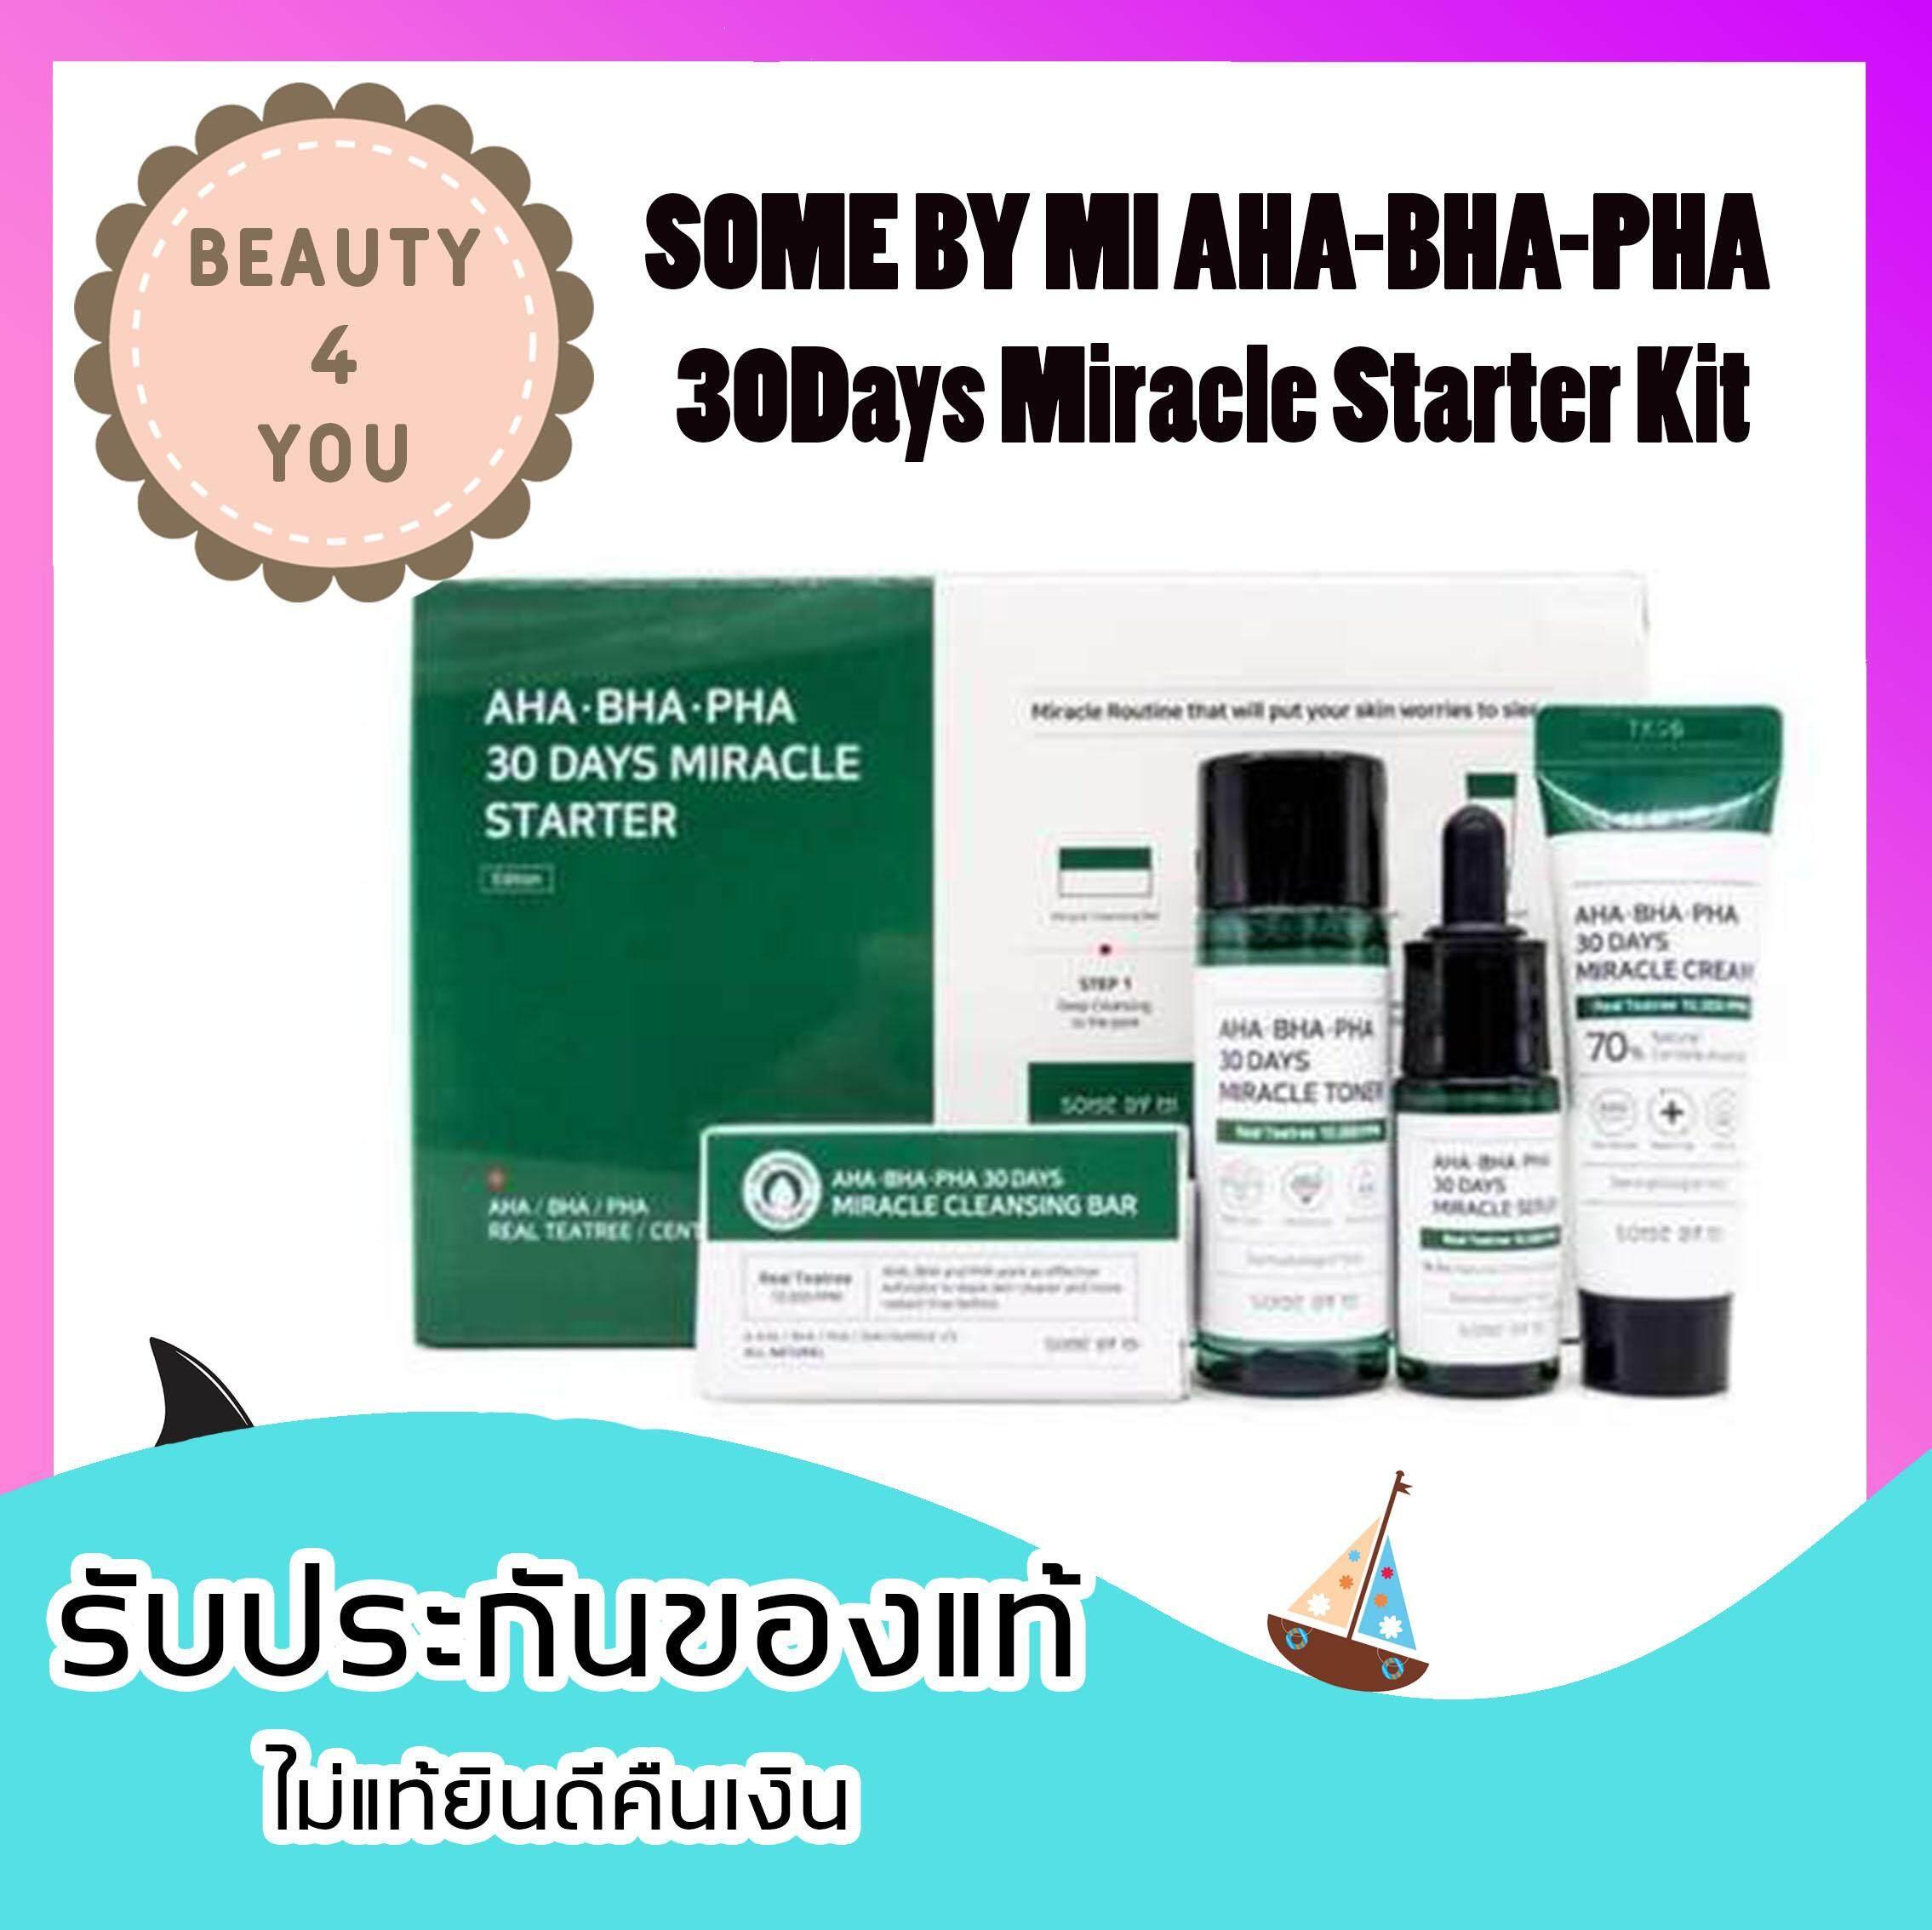 โปรลดพิเศษ SOME BY MI AHA-BHA-PHA 30Days Miracle Starter Kit ของแถมเป็นการ์ดดาราเกาหลี (1ชุด)